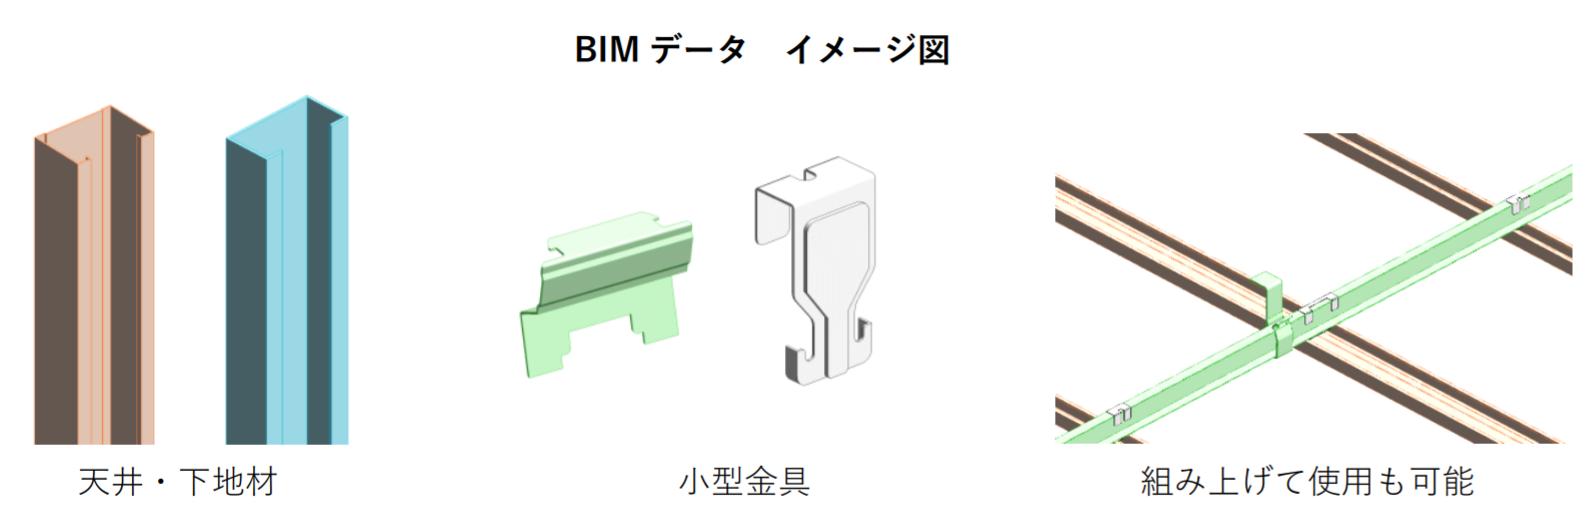 桐井製作所、天井用部材など83種のBIMデータ公開